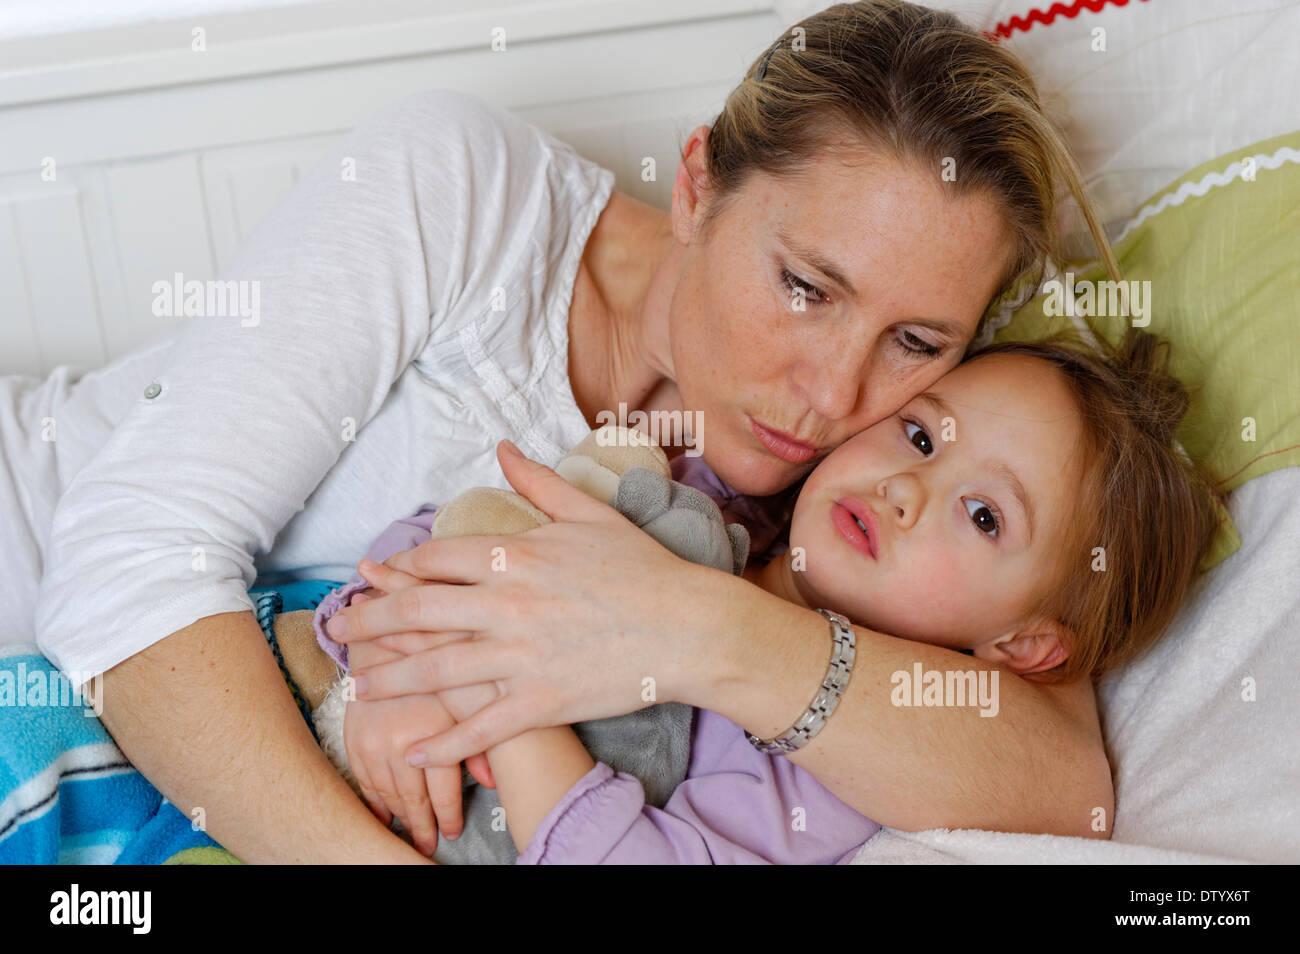 Madre e figlia coccole a letto, avvolgente Immagini Stock